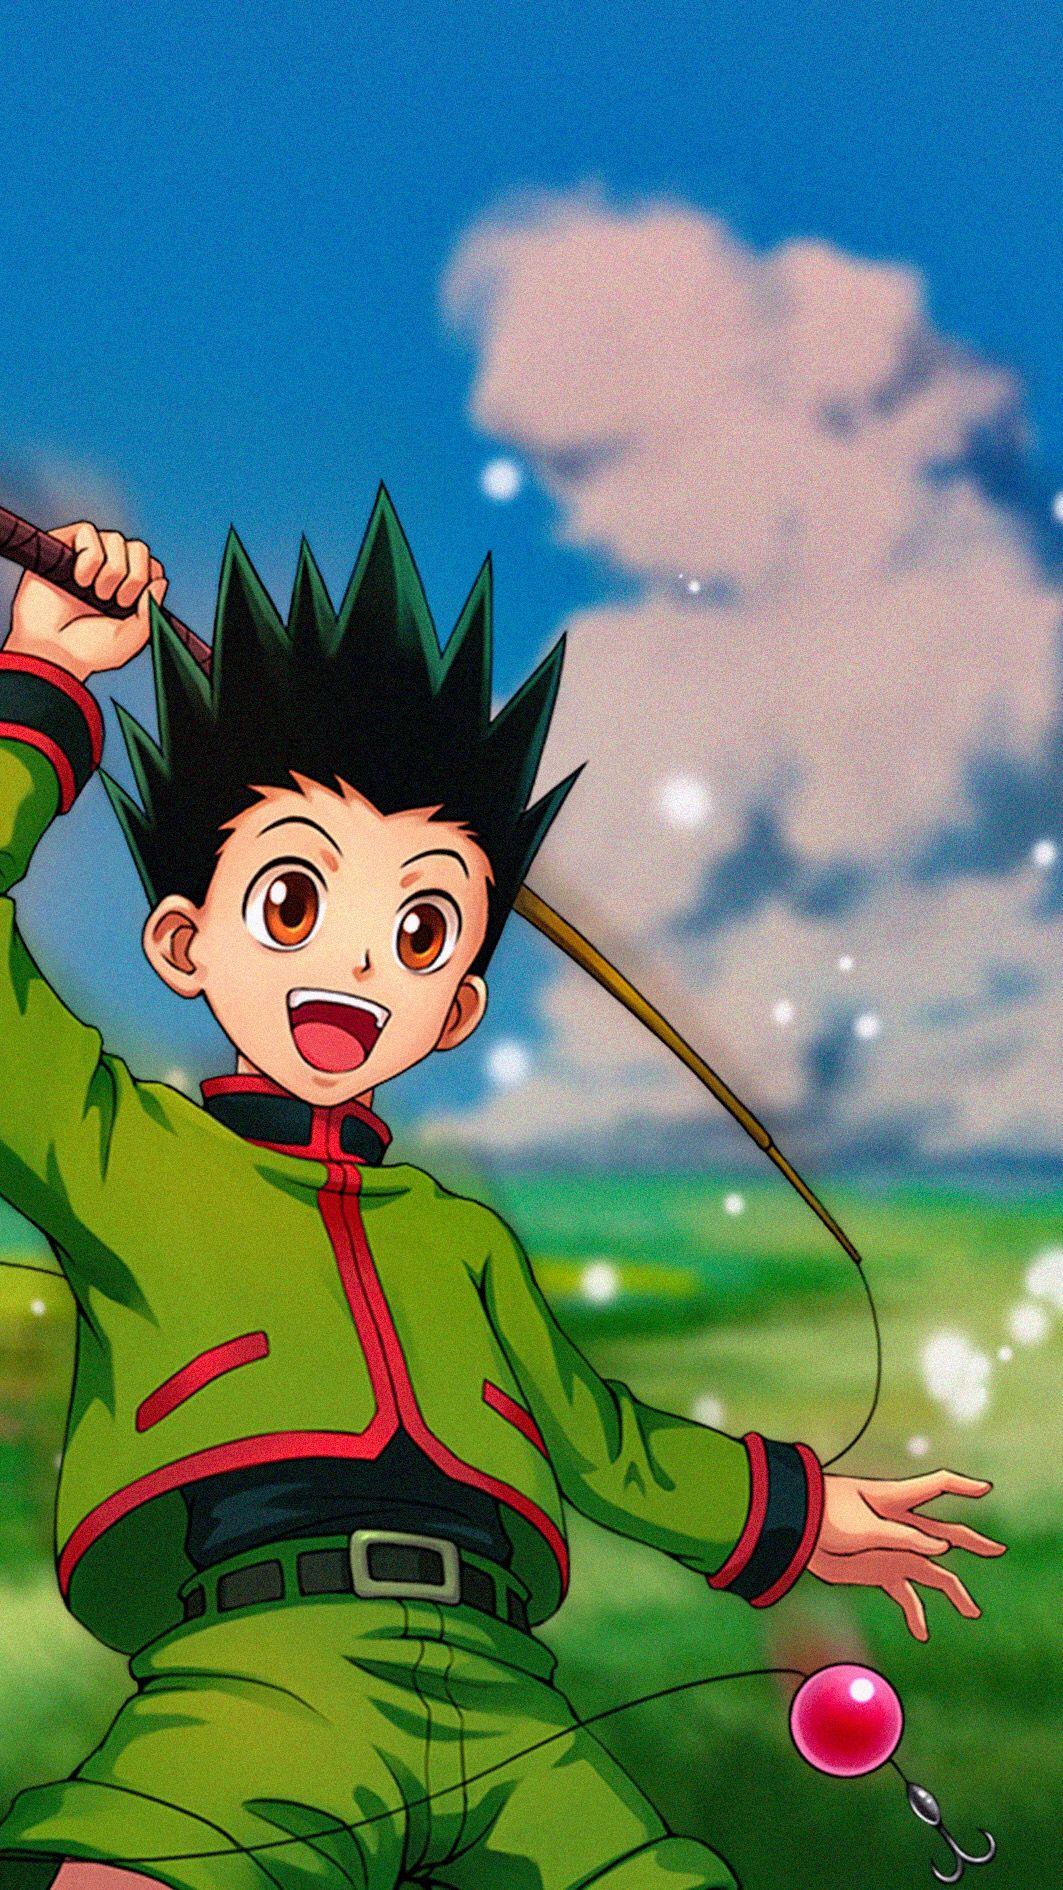 Gon Freecss Hunter Anime Hunter X Hunter Anime Wallpaper